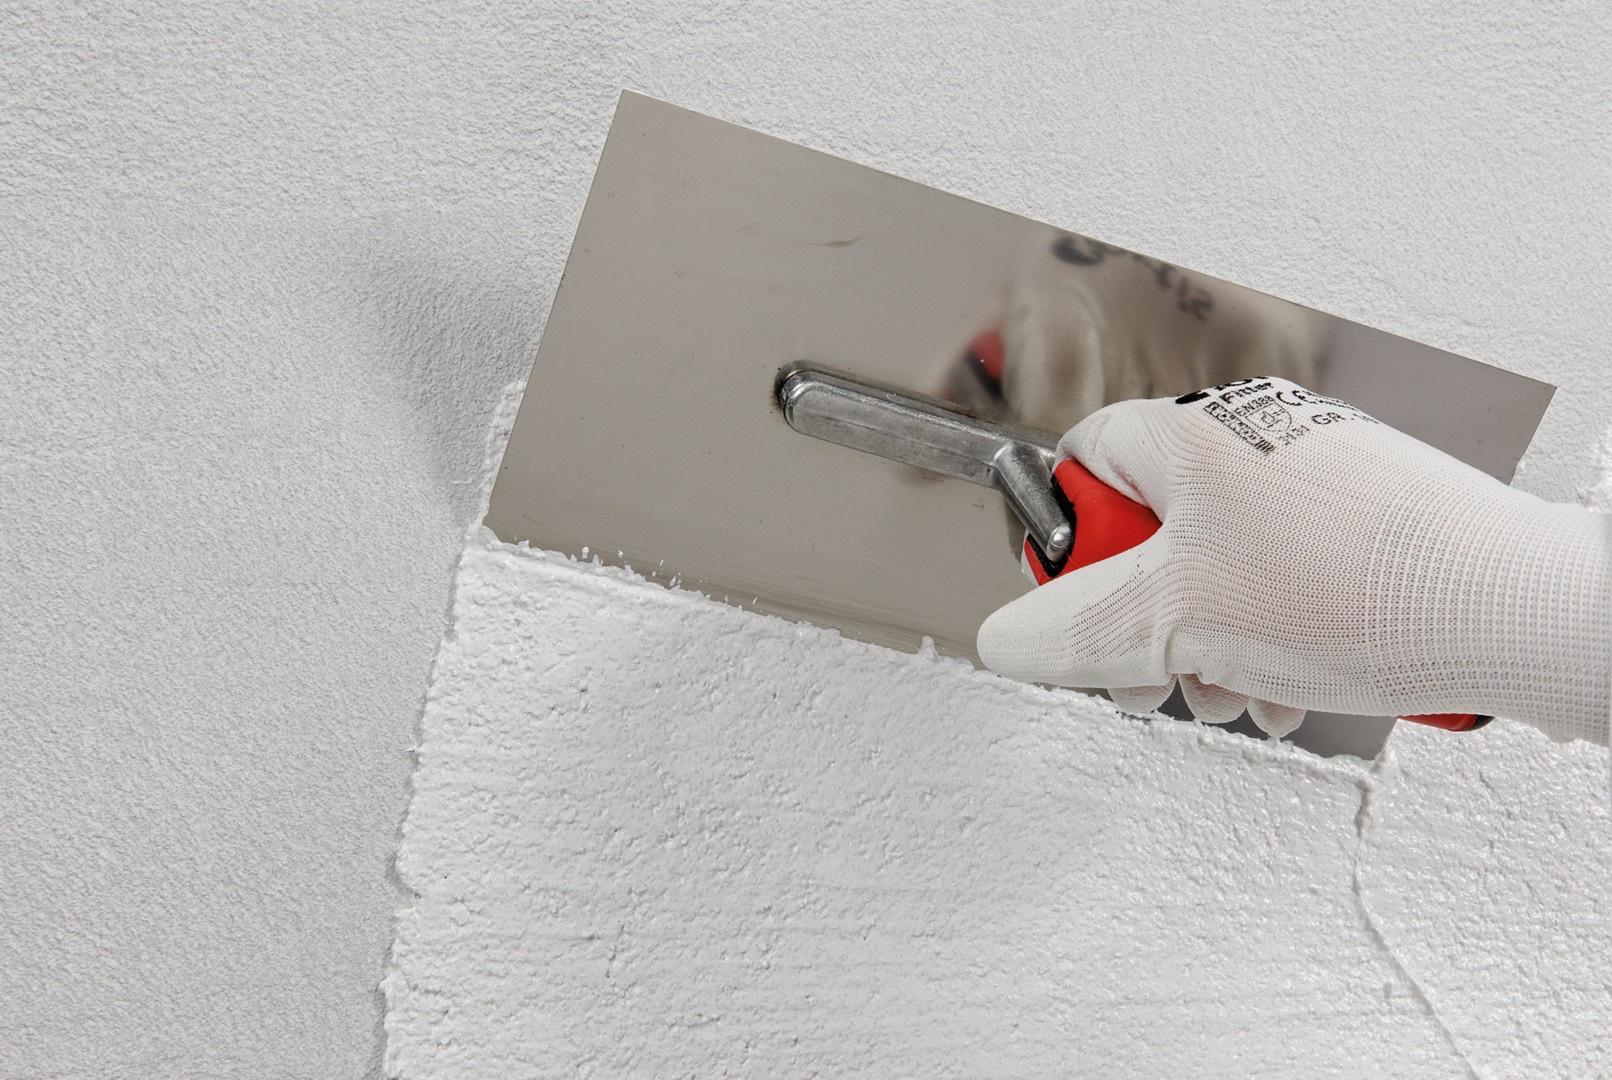 Silikatputz wird häufig im Fassadenbereich verwendet. Foto: Saint-Gobain Weber